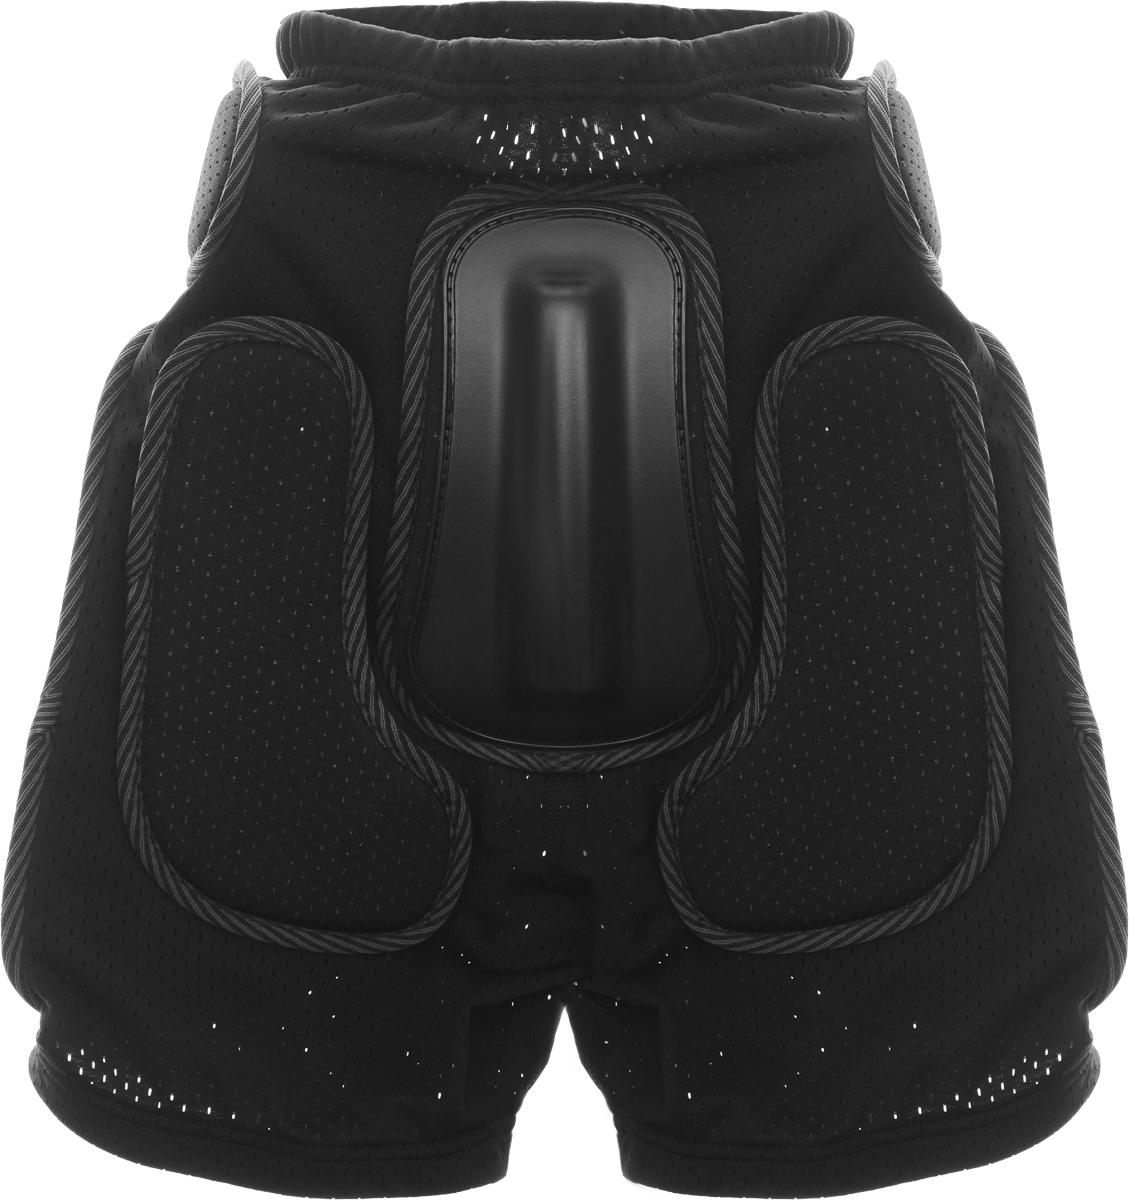 Шорты защитные Biont Комфорт, цвет: черный, размер XS230_155Защитные шорты Biont Комфорт - это необходимая часть снаряжения сноубордистов, любителей экстремального катания на роликах, байкеров, фанатов зимнего кайтинга. Шорты изготовлены из мягкой эластичной потовыводящей сетки с хорошей воздухопроницаемостью под накладками без остаточной деформации.Для обеспечения улучшенной вентиляции в шортах используется дышащая сетка спейсер. Комфортные защитные шорты Biont Комфорт идеальный выбор для любителей экстремального спорта. Толщина пластиковых накладок: 8-12 мм.